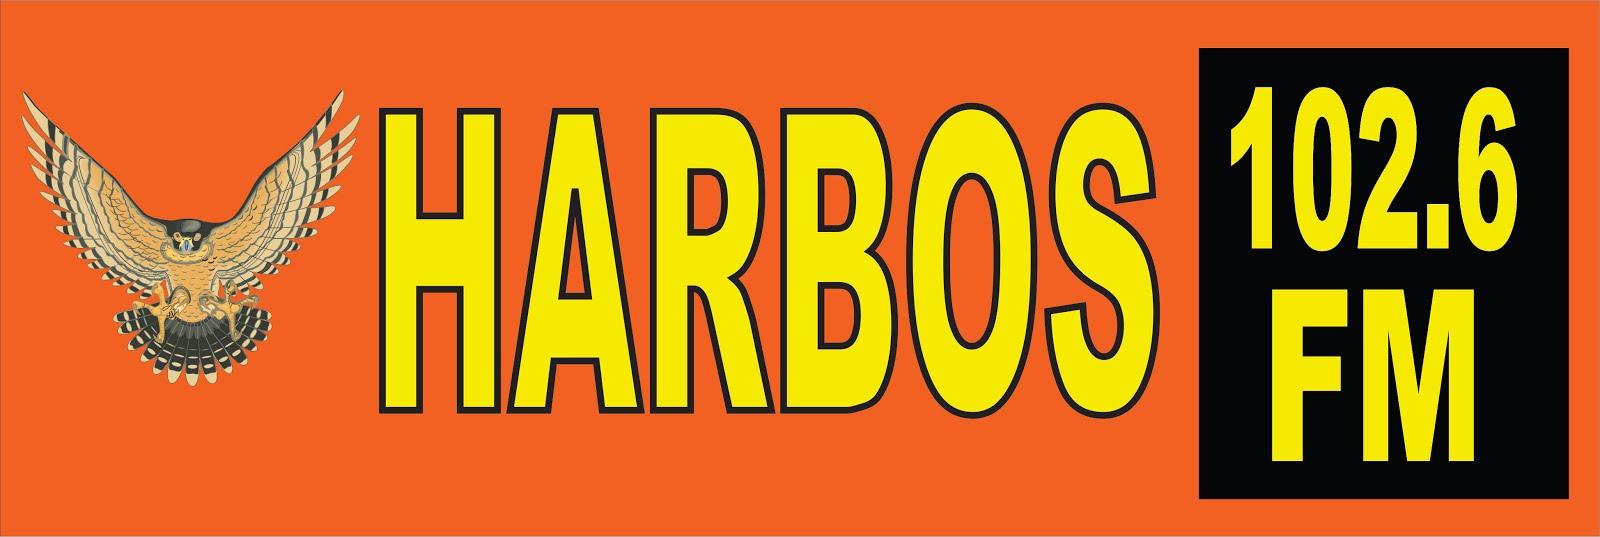 HARBOS FM PATI